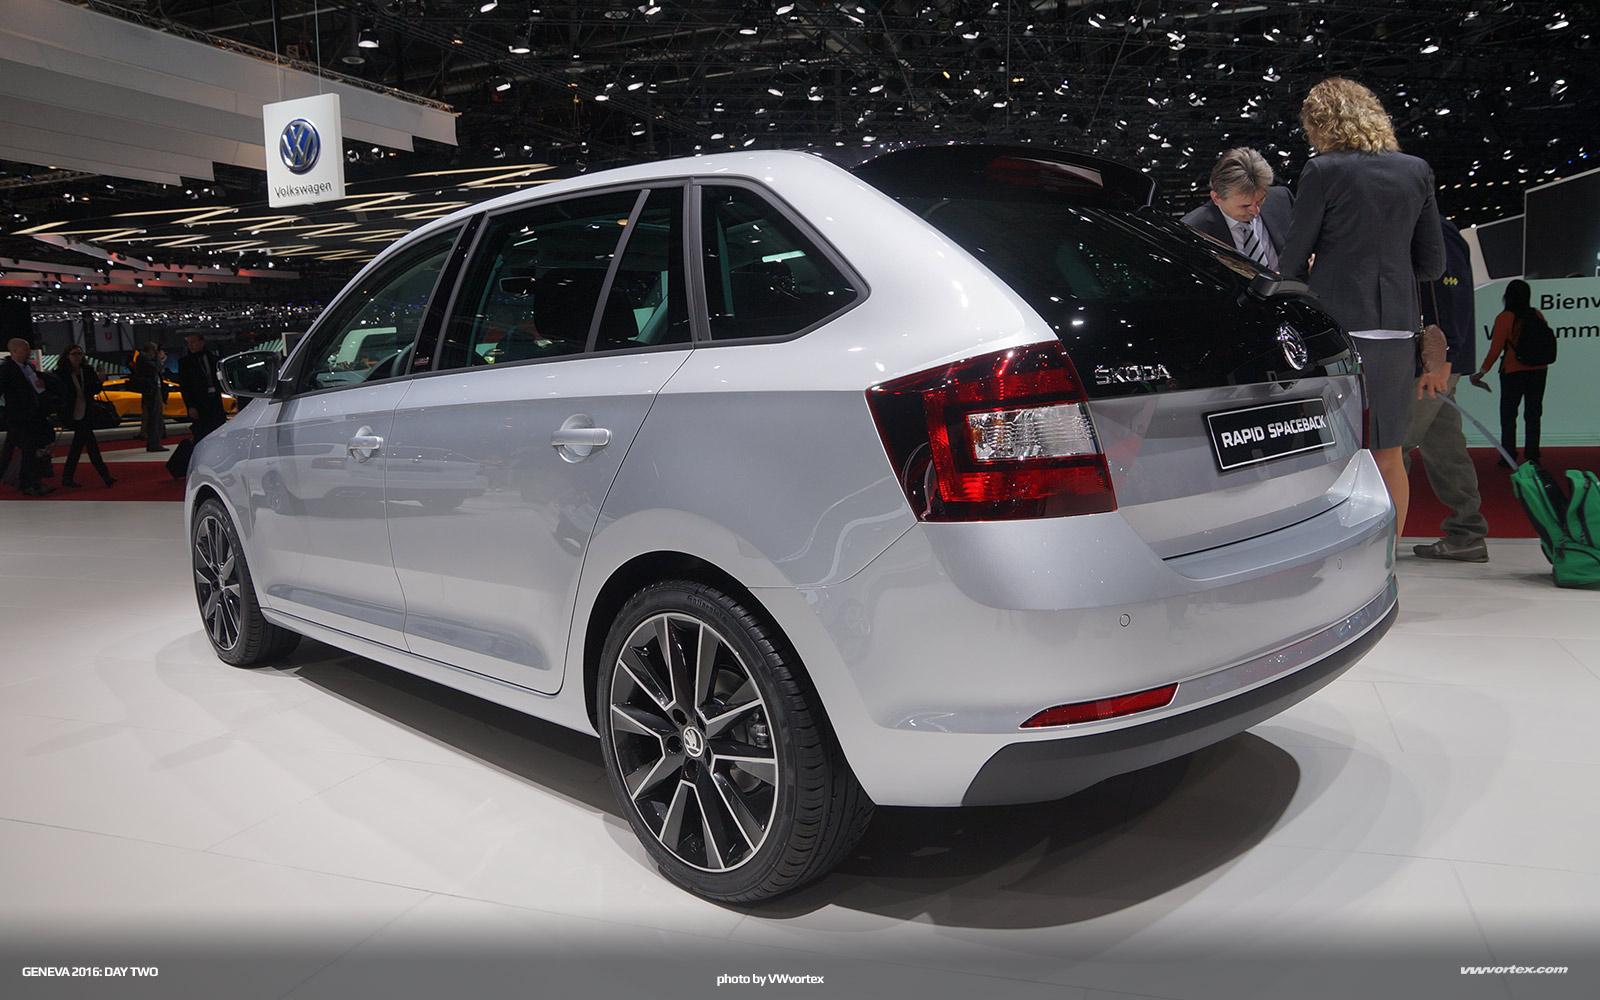 Review: The 2017 Audi A4 - Fourtitude.com